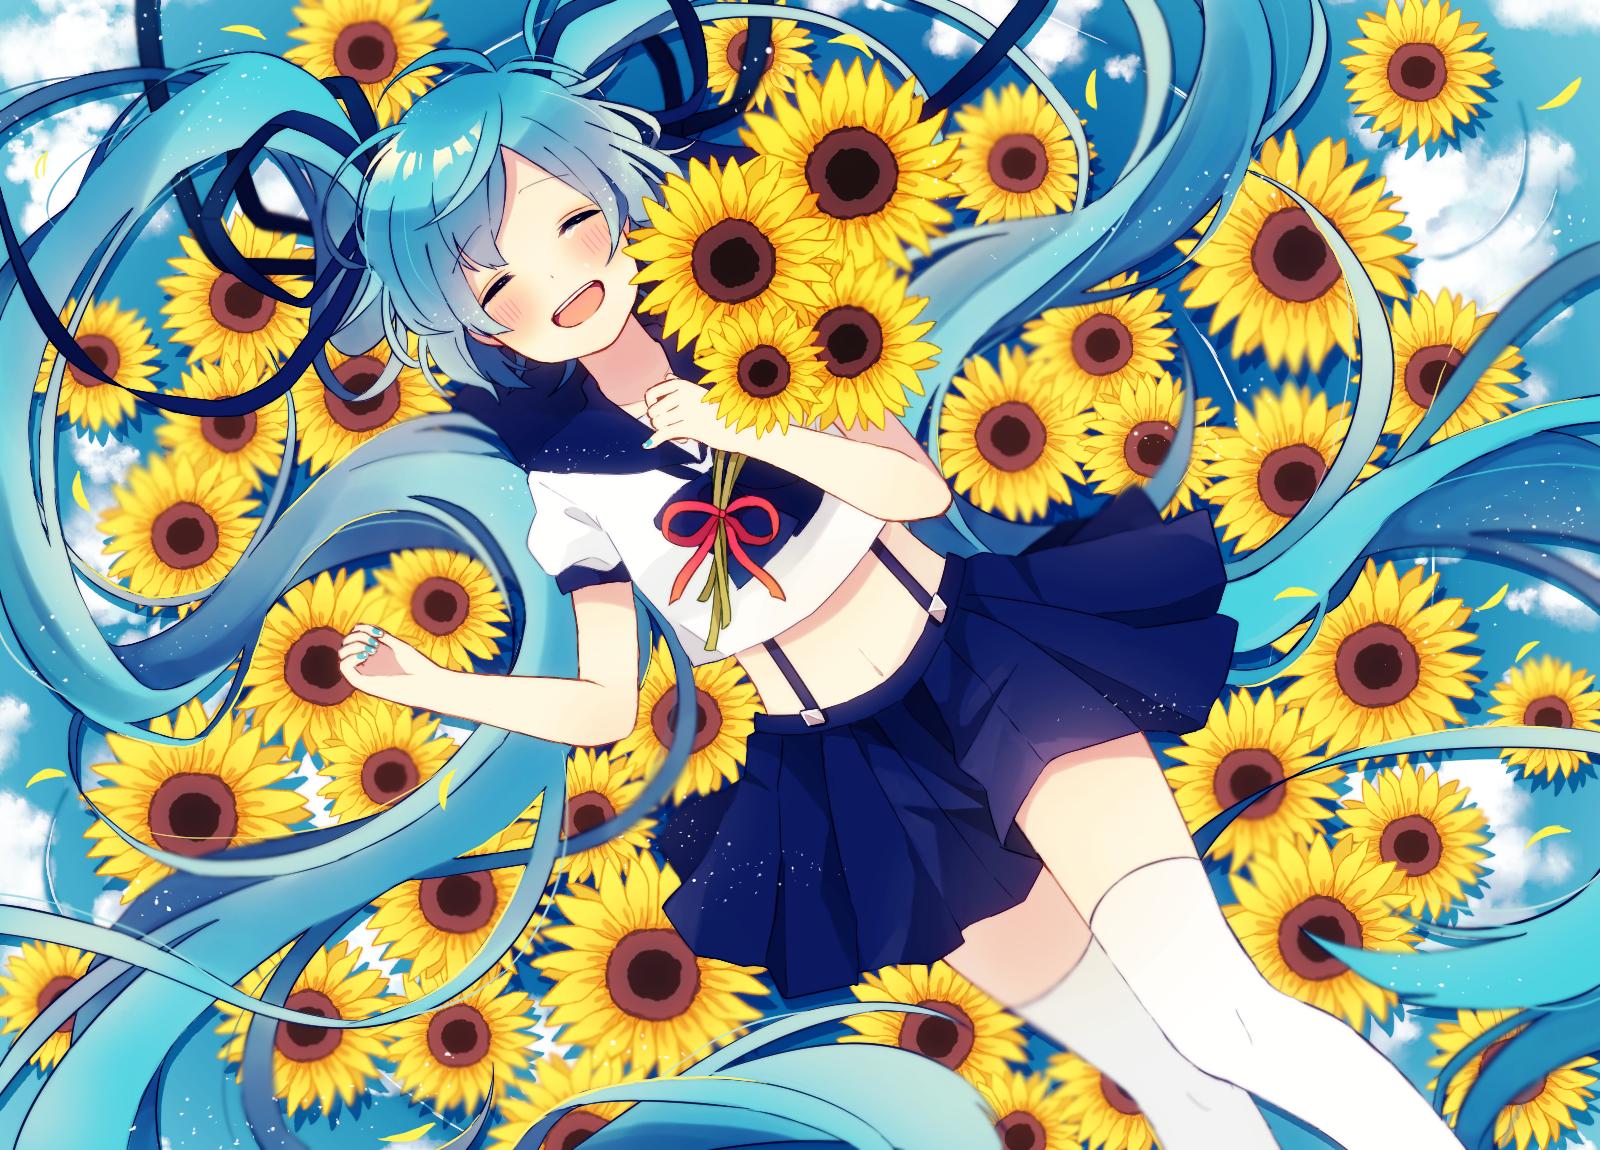 hatsune miku hatsune miku vocaloid anime artwork